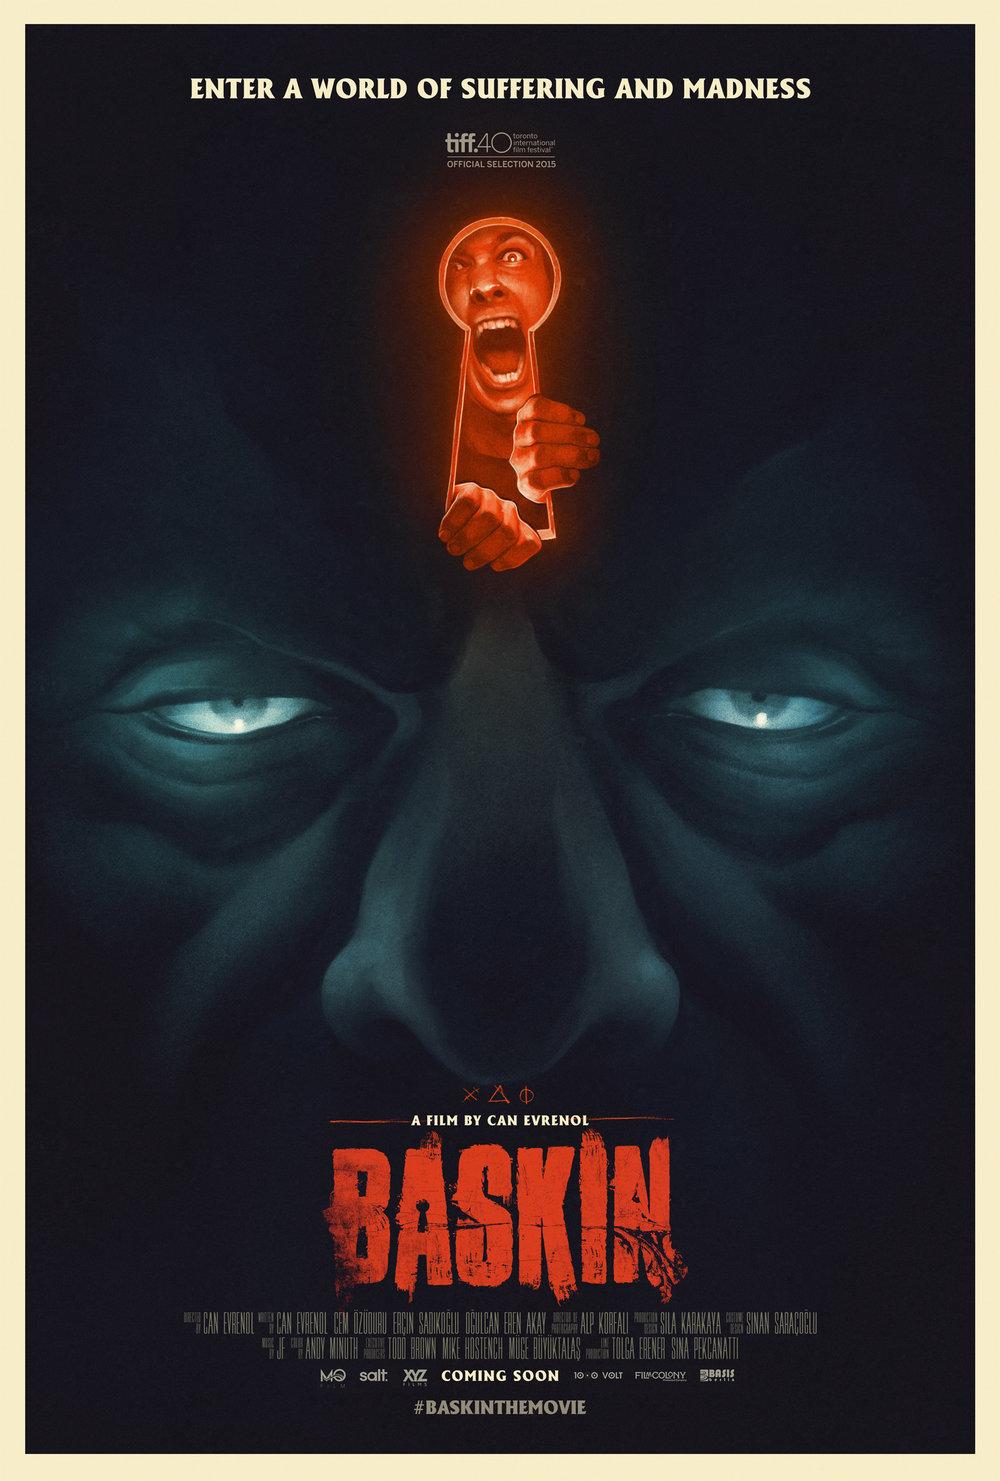 baskin-poster-02.jpg